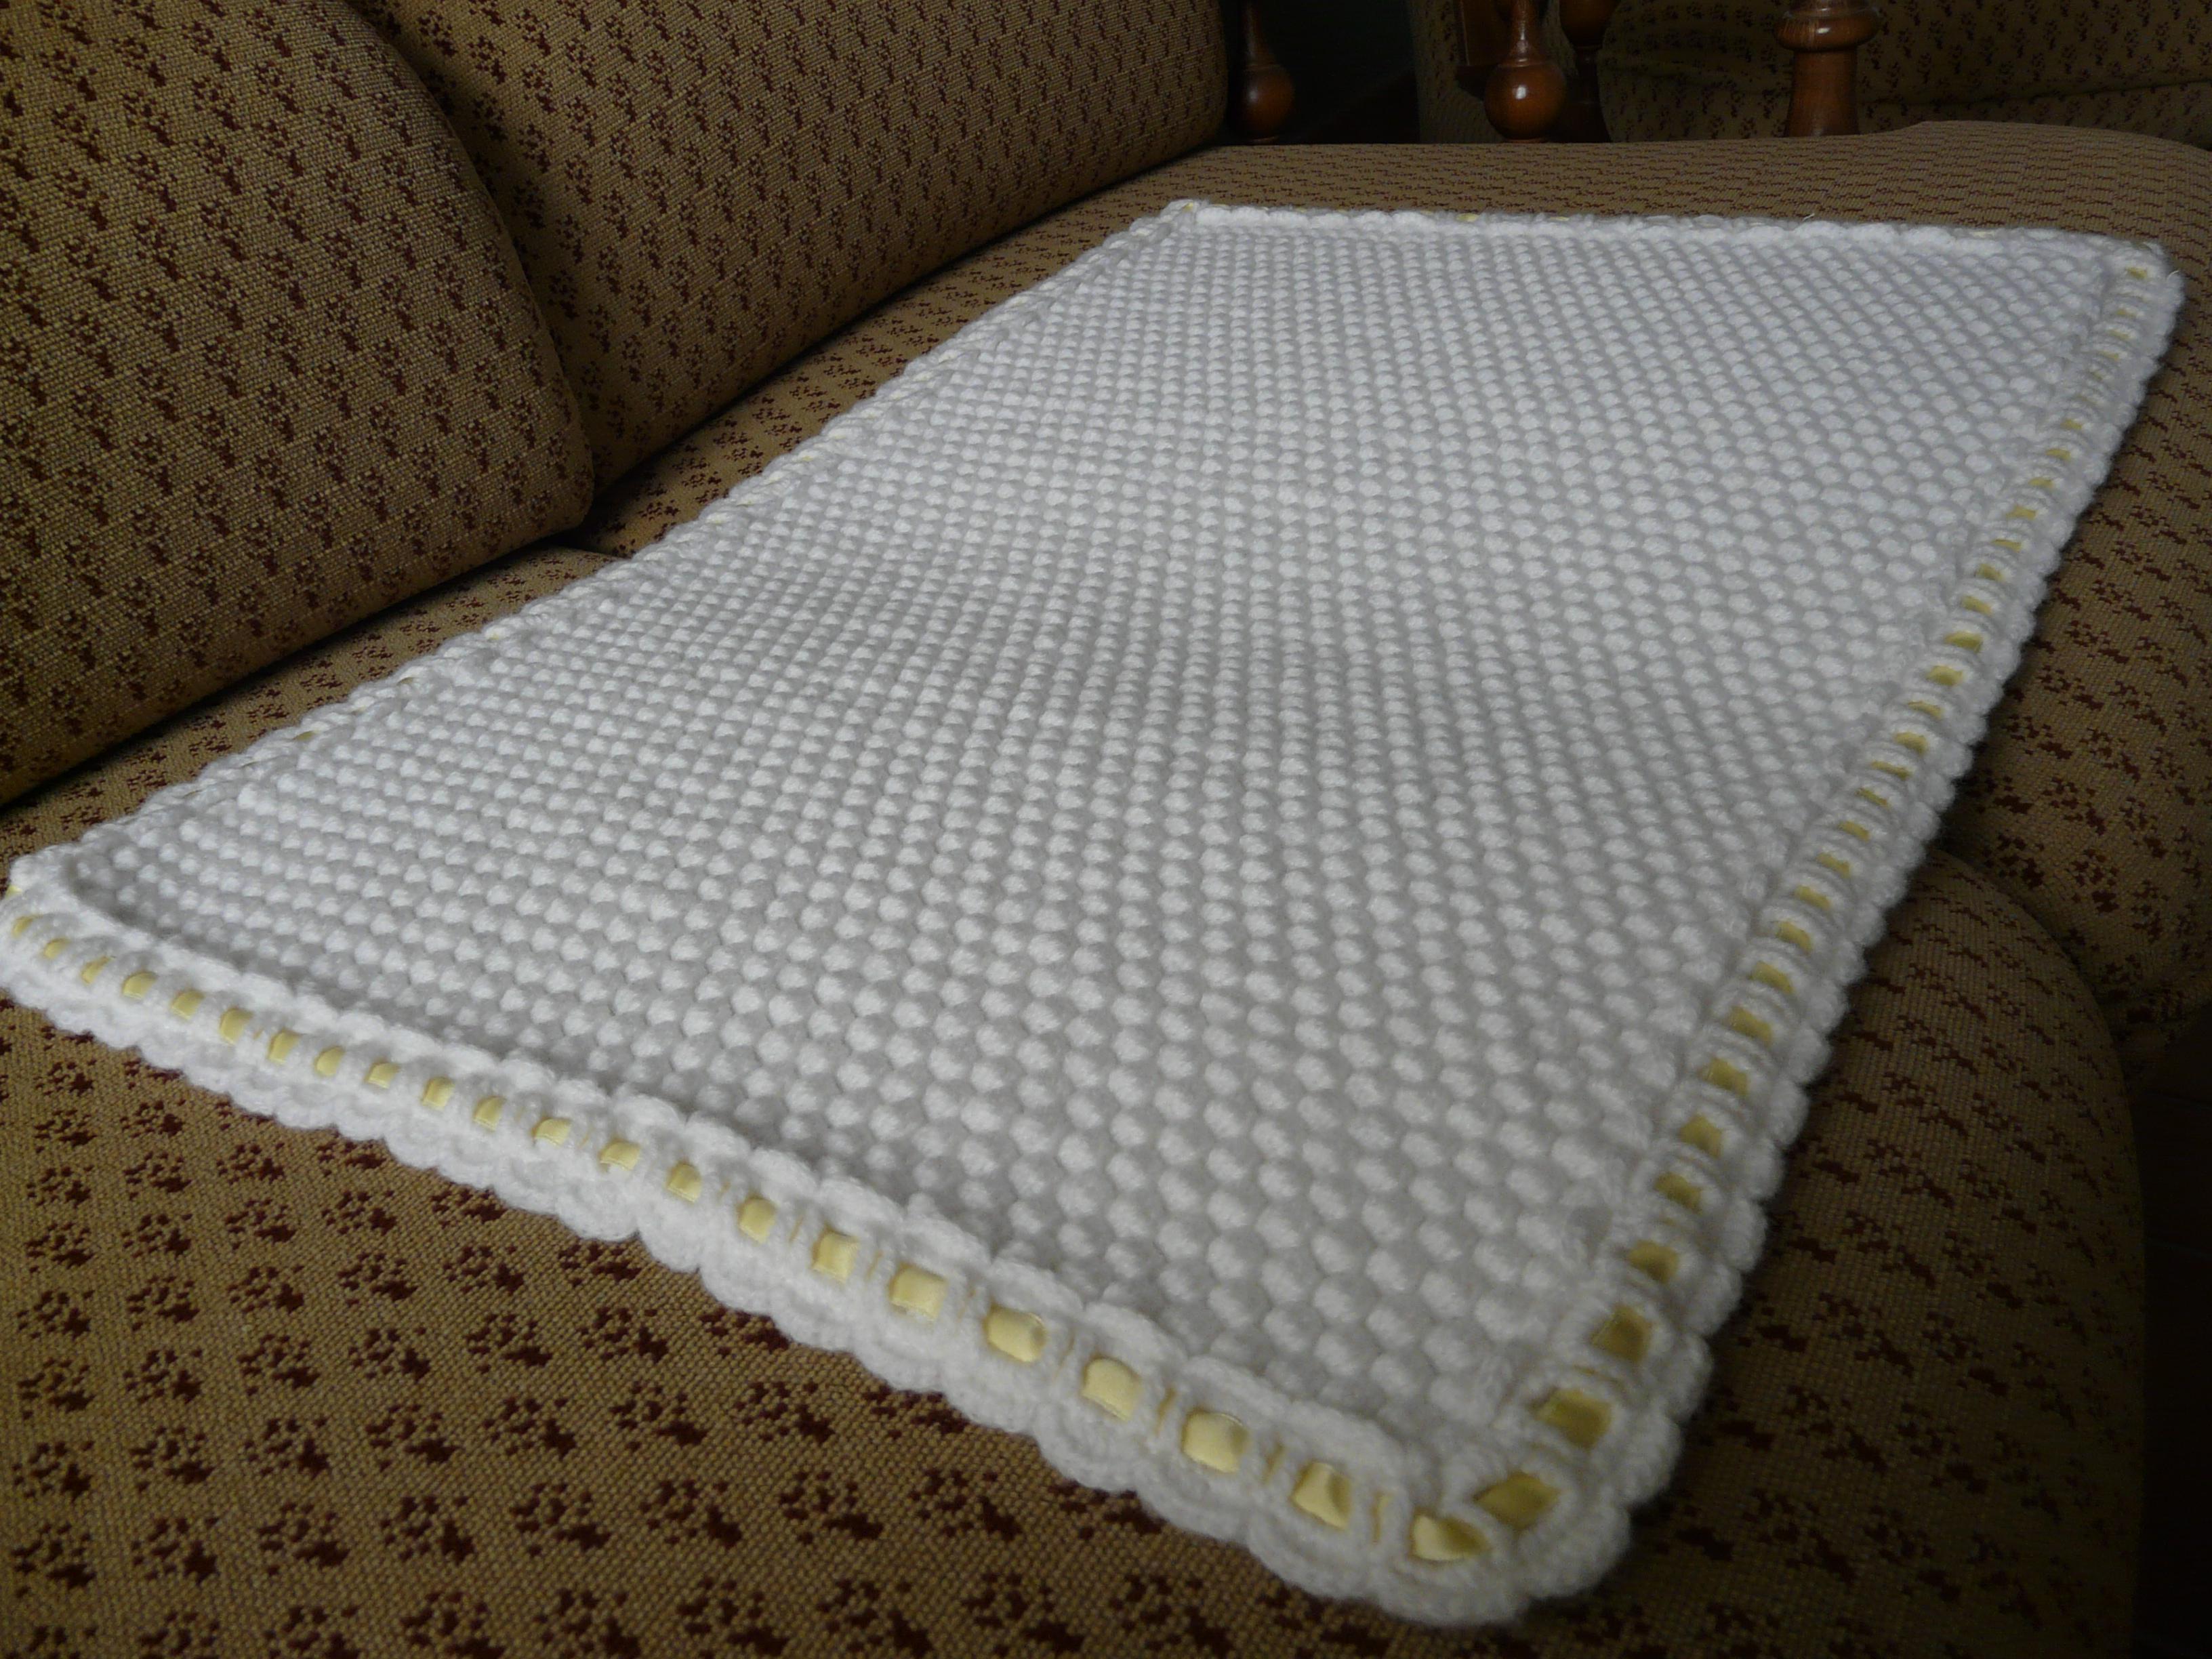 couverture pour lit de bébé modèle tricot couverture lit bébé couverture pour lit de bébé